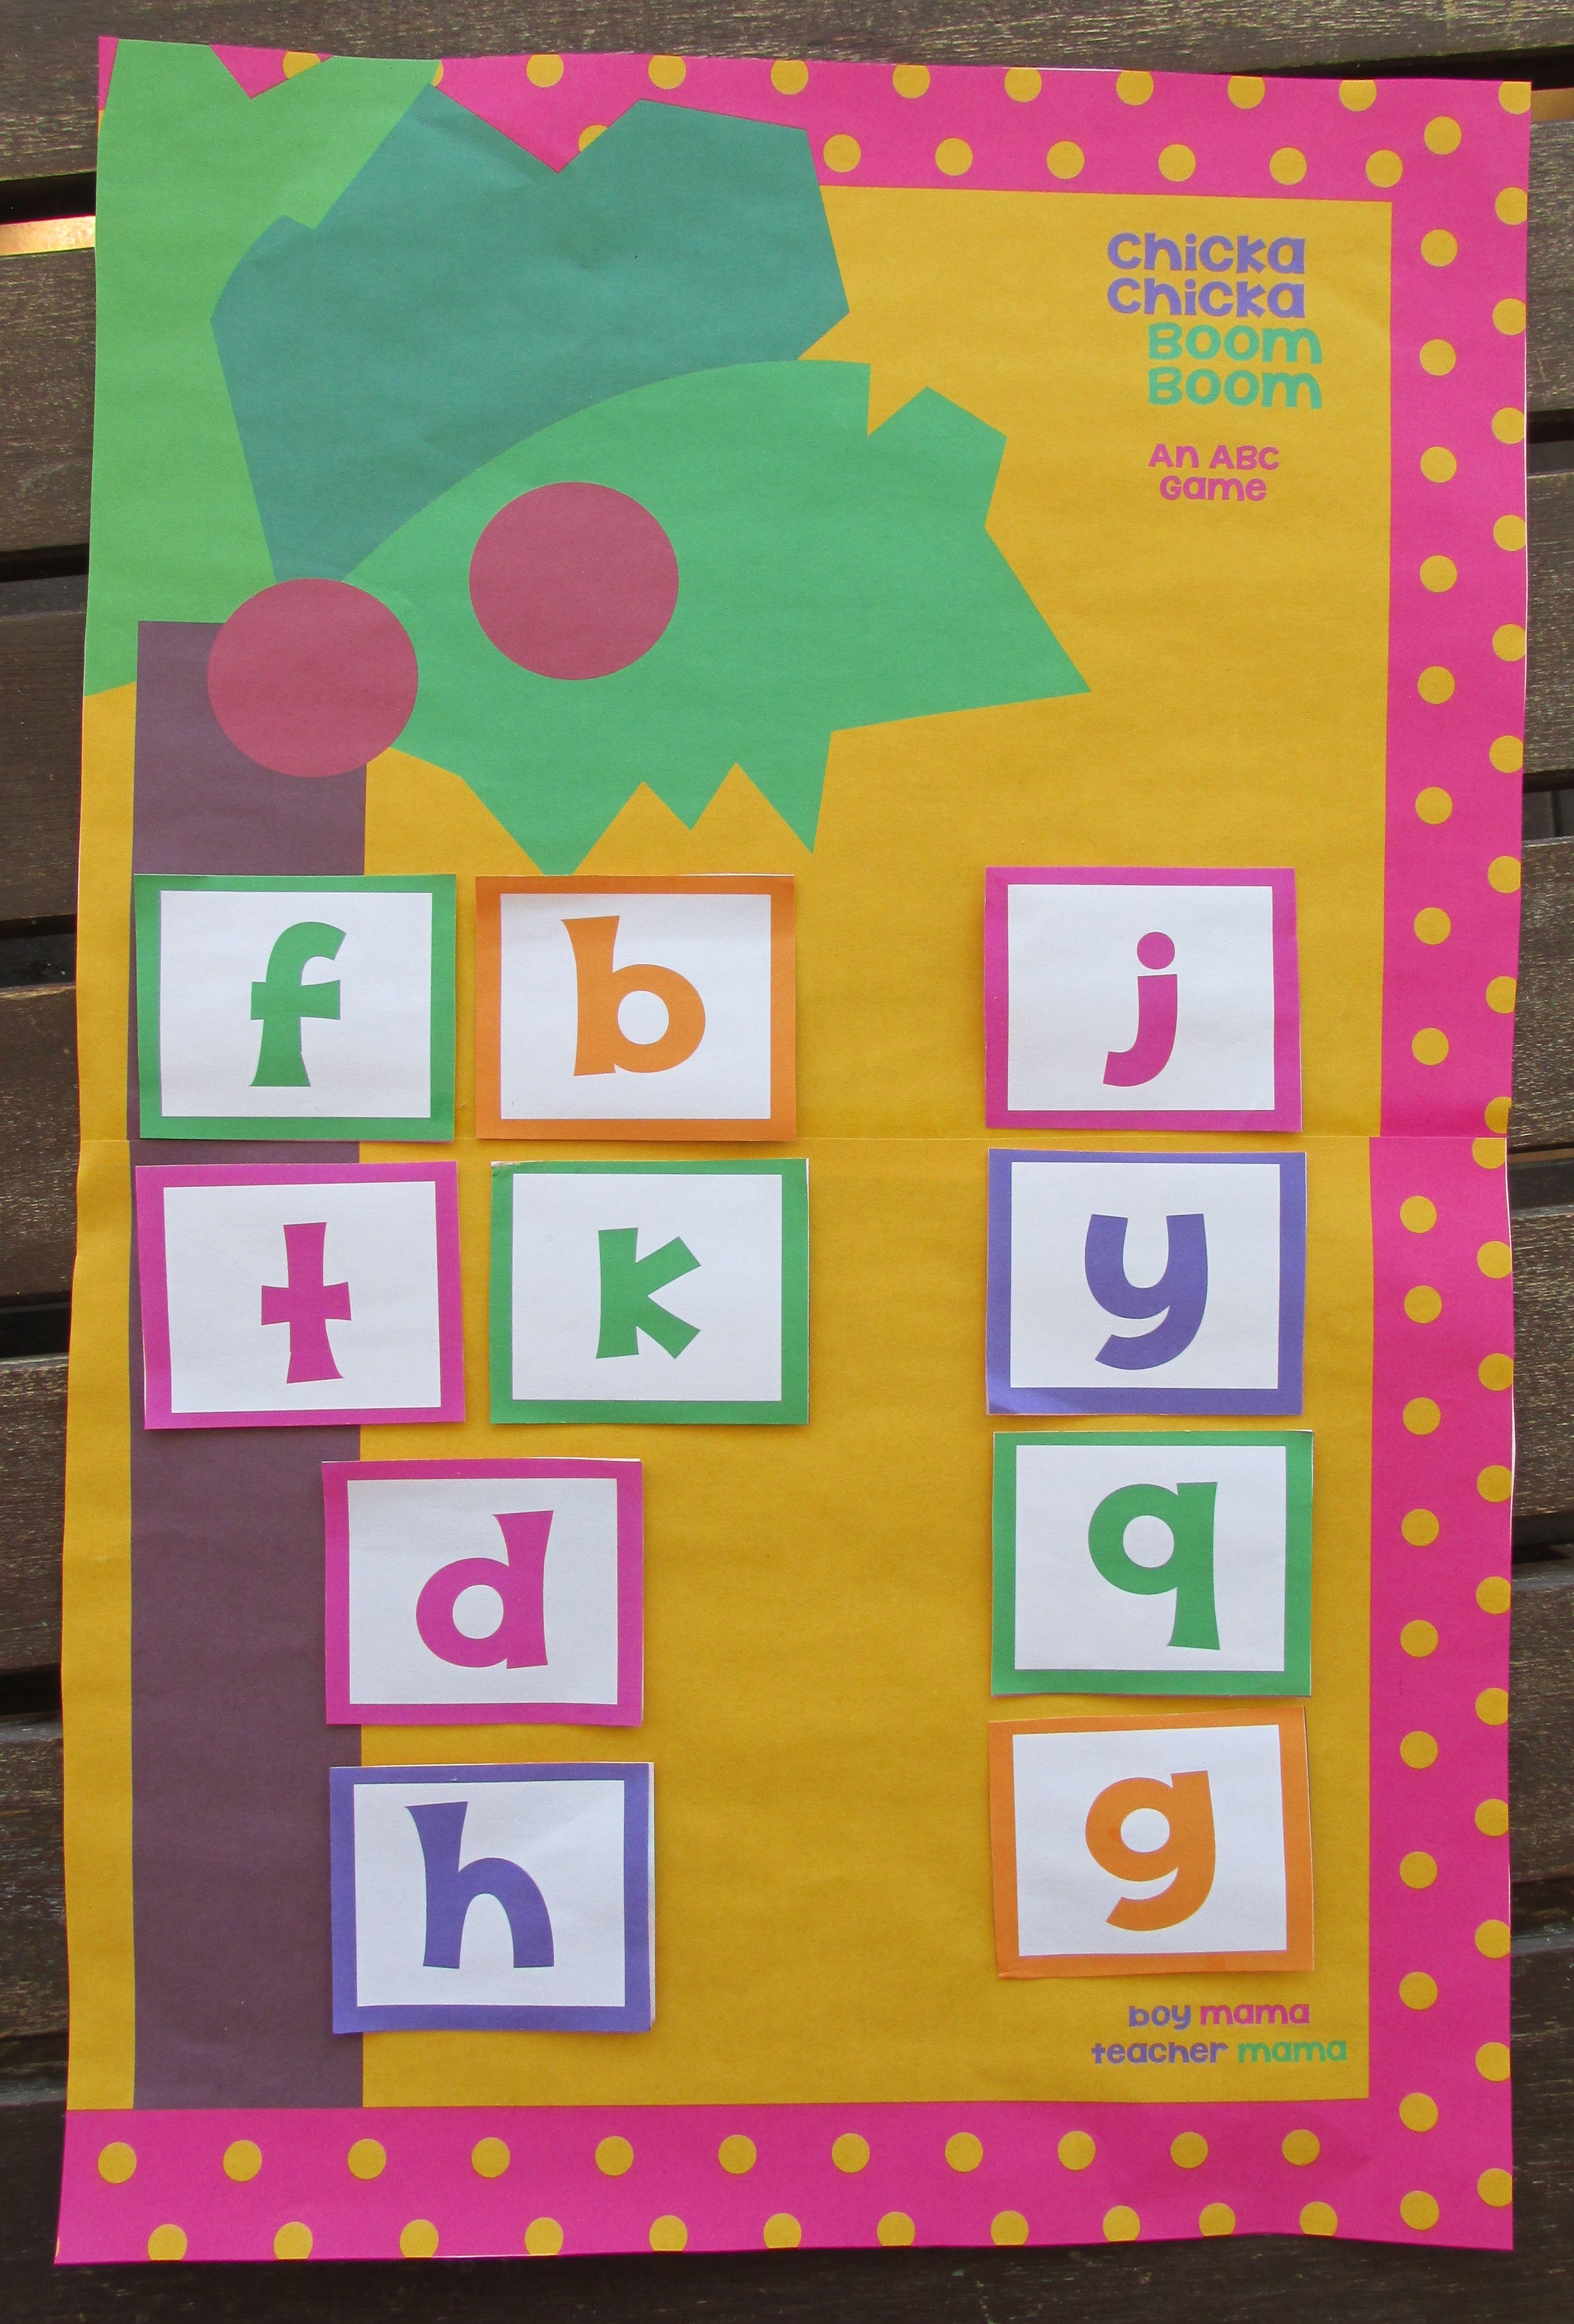 Book Mama Free Chicka Chicka Boom Boom Card Game Virtual